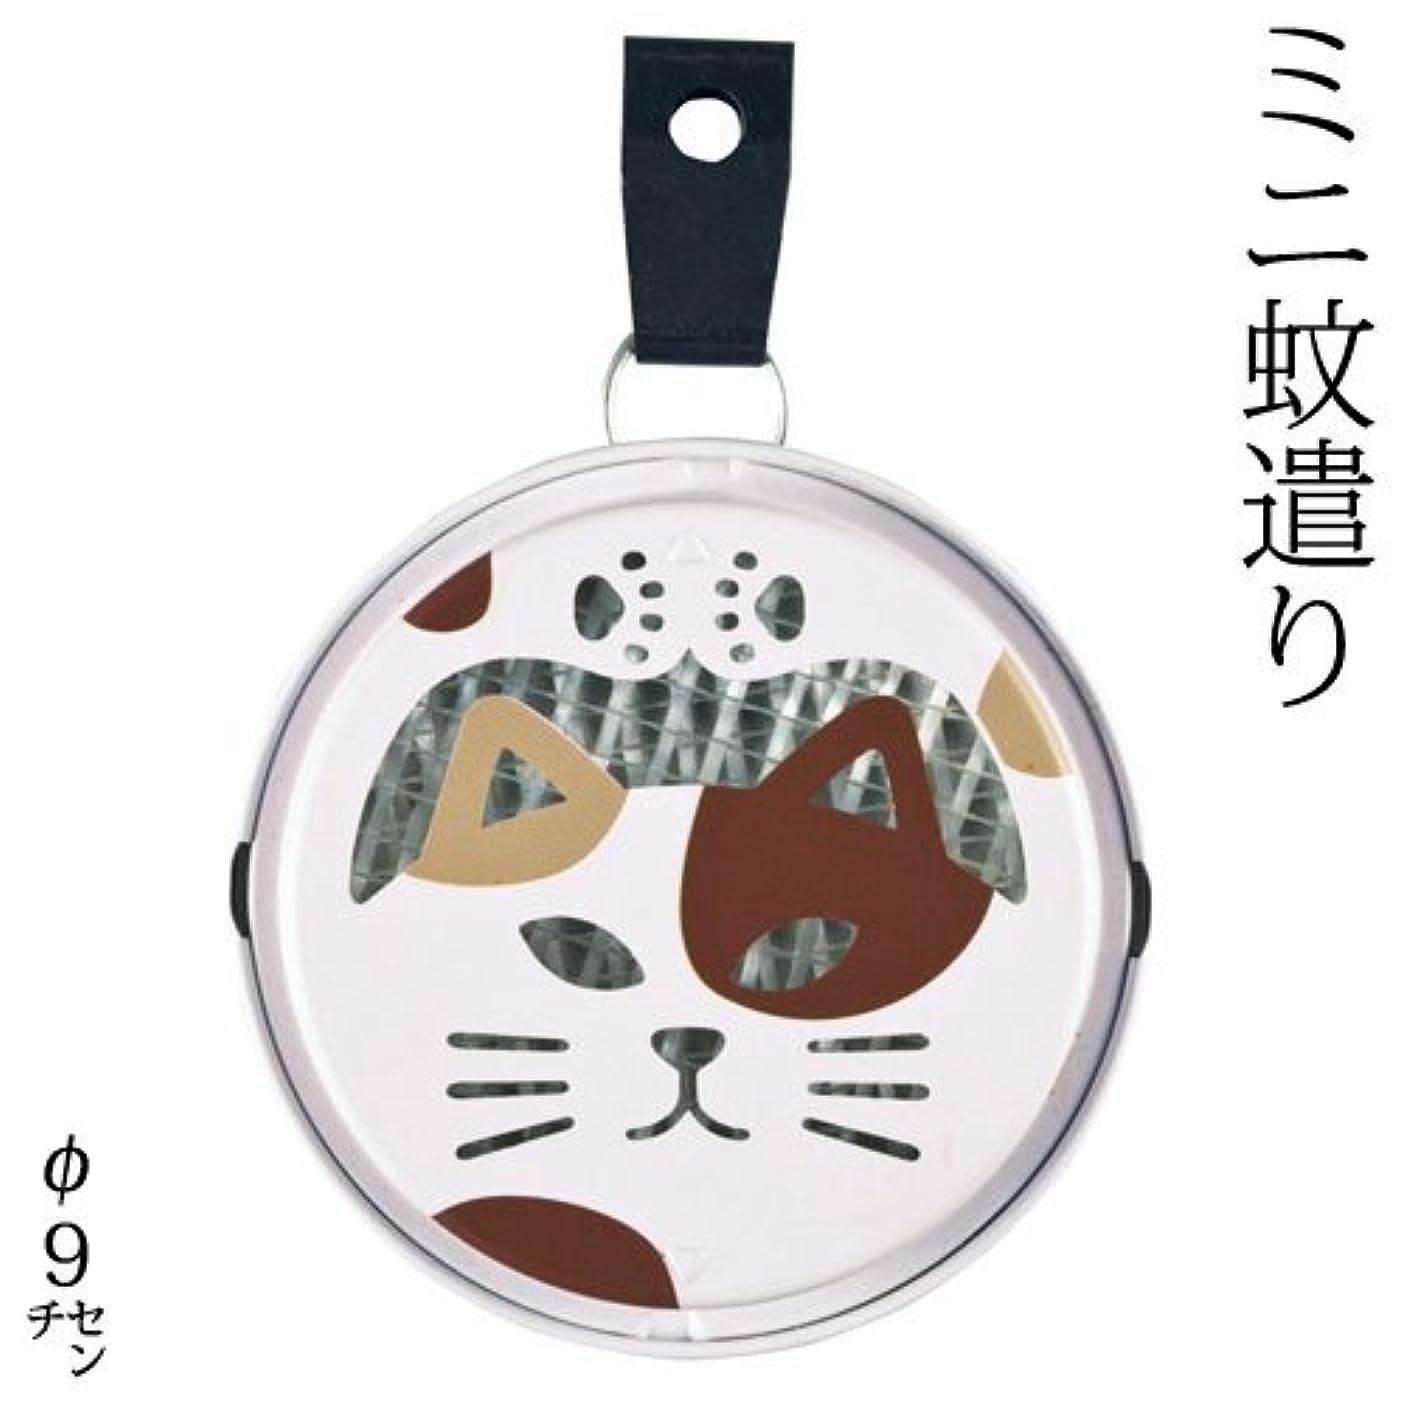 代わって区別秘書DECOLEポータブルミニ蚊遣り三毛猫 (SK-13931)吊り下げ?床置き対応Portable mini Kayari